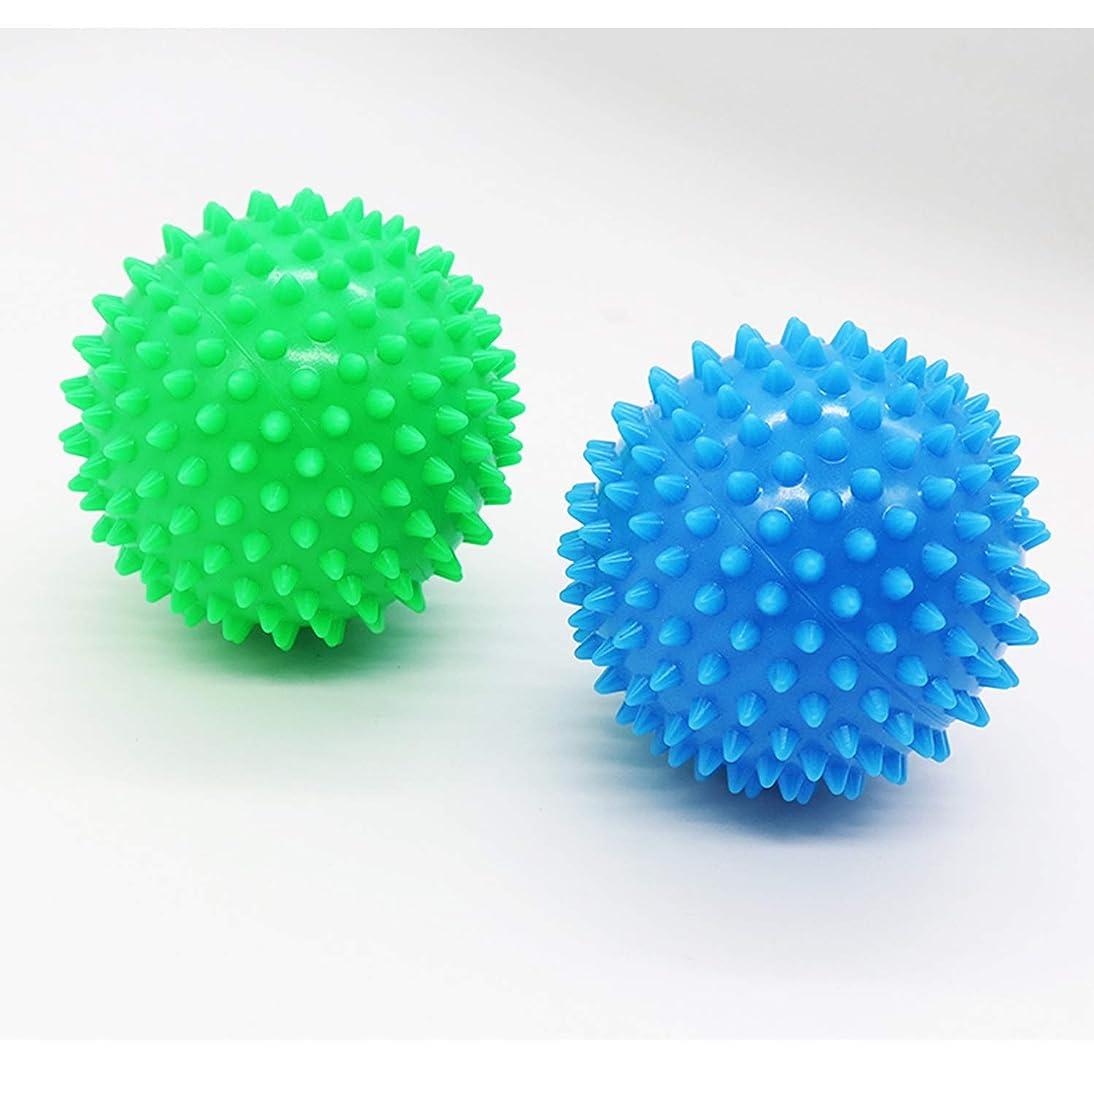 ハードウェアベル買うDreecy マッサージボール(2個セット)触覚ボール リフレックスボール トレーニングボール  ポイントマッサージ 筋筋膜リリース 筋肉緊張和らげ 血液循環促進 9cm(青+緑)